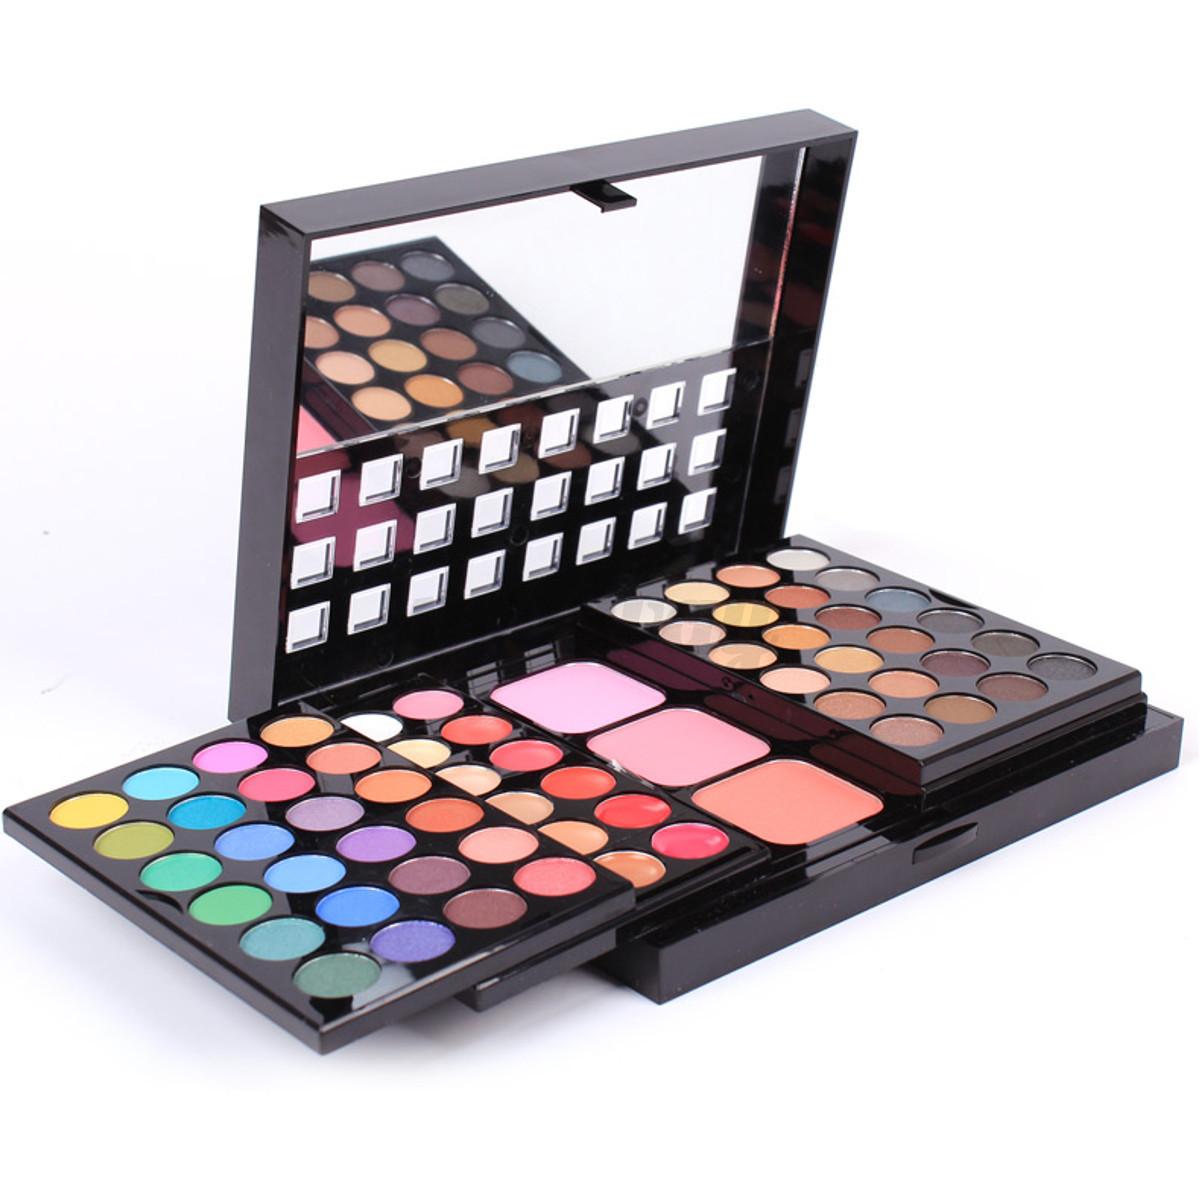 Kit eyeshadow lip gloss palette foundation powder blusher au ebay